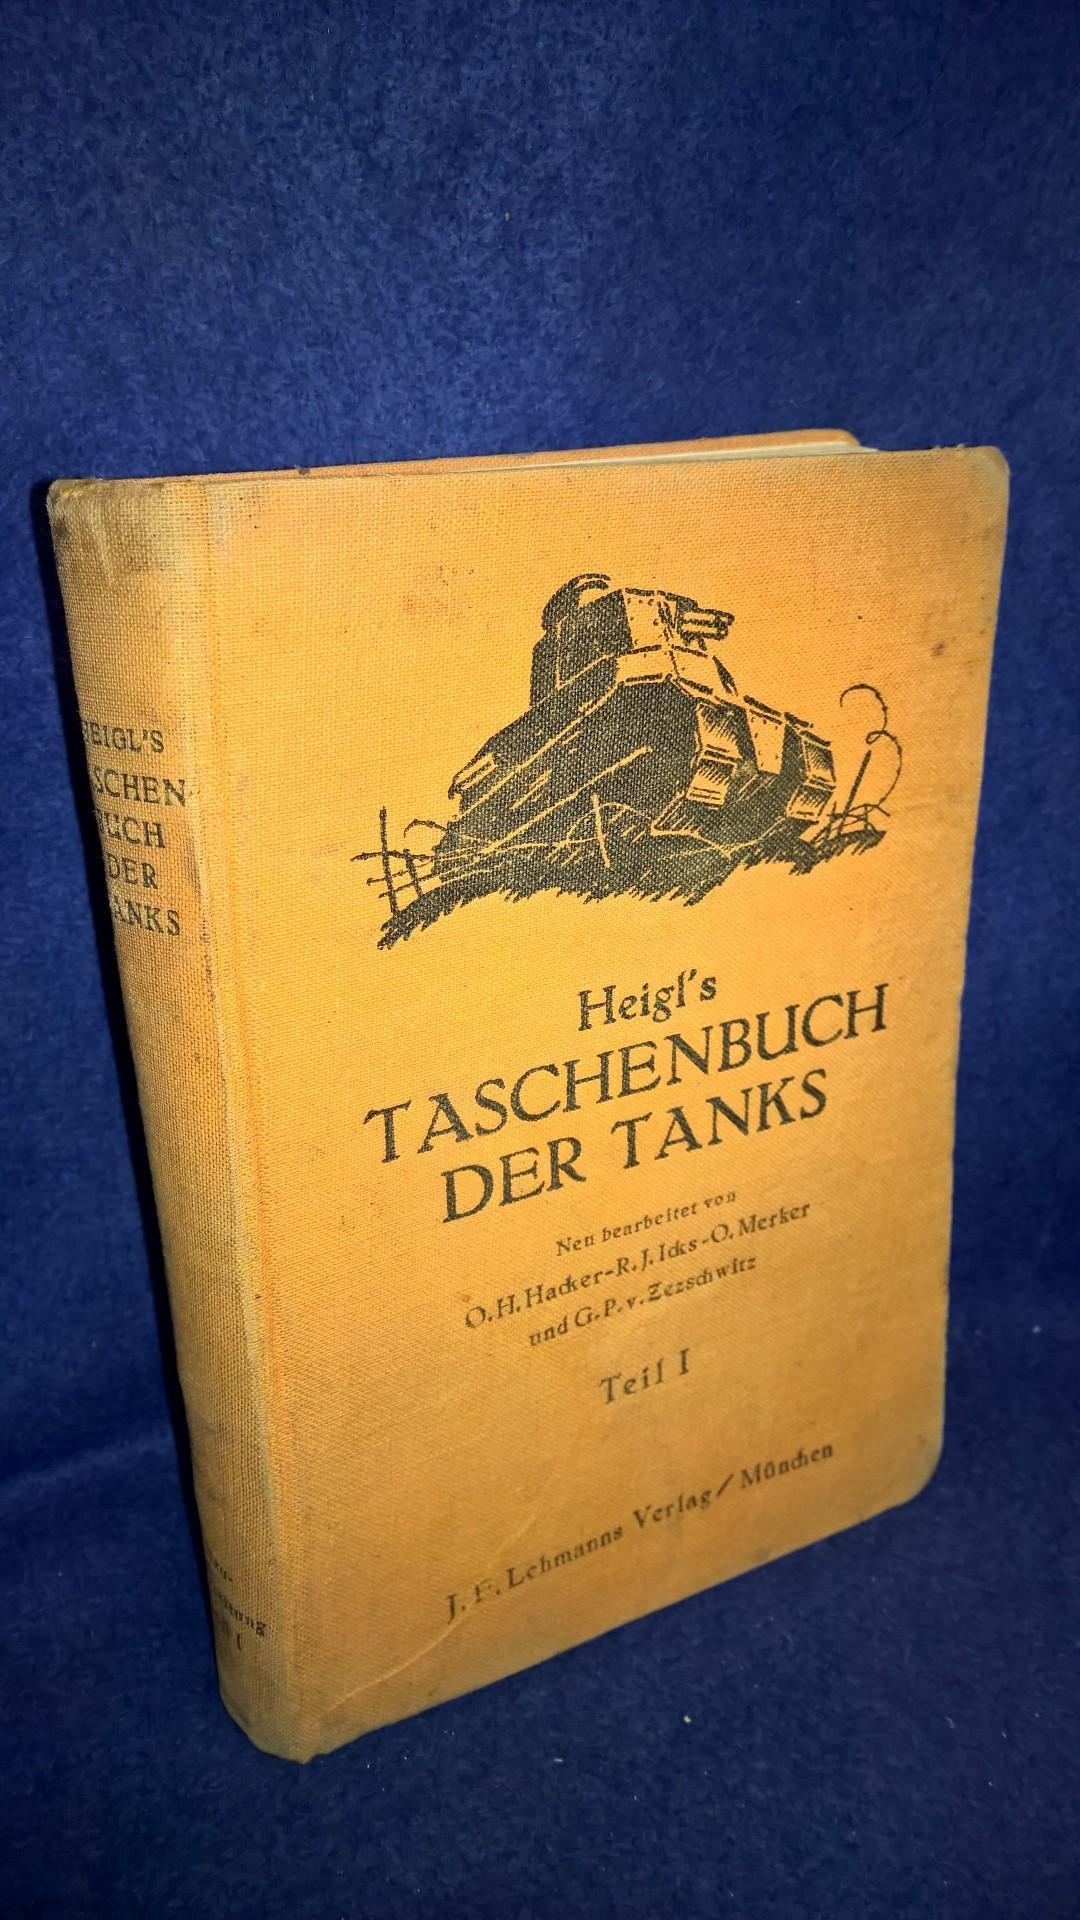 Heigl´s Taschenbuch der Tanks. Teil I: D 612/2. Wesen der Panzerkraftfahrzeuge. Orginal-Ausgabe!!